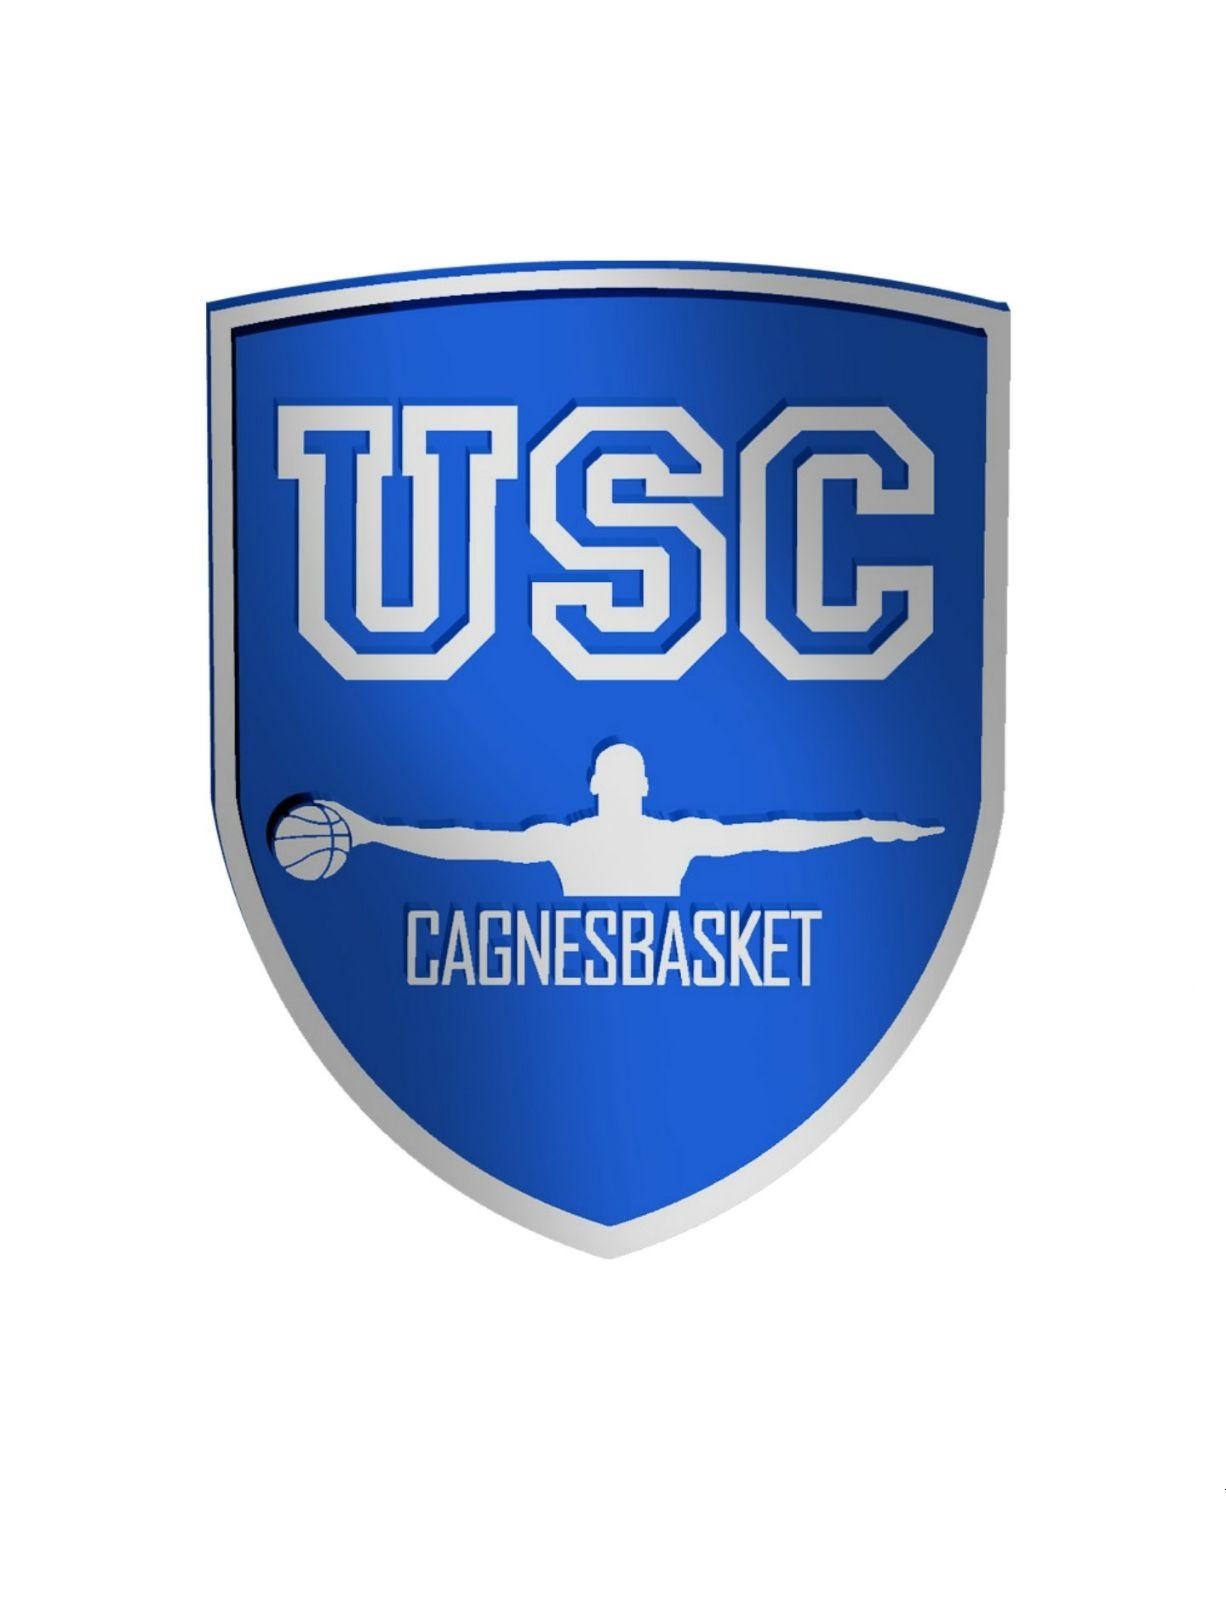 (c) Cagnesbasket.com